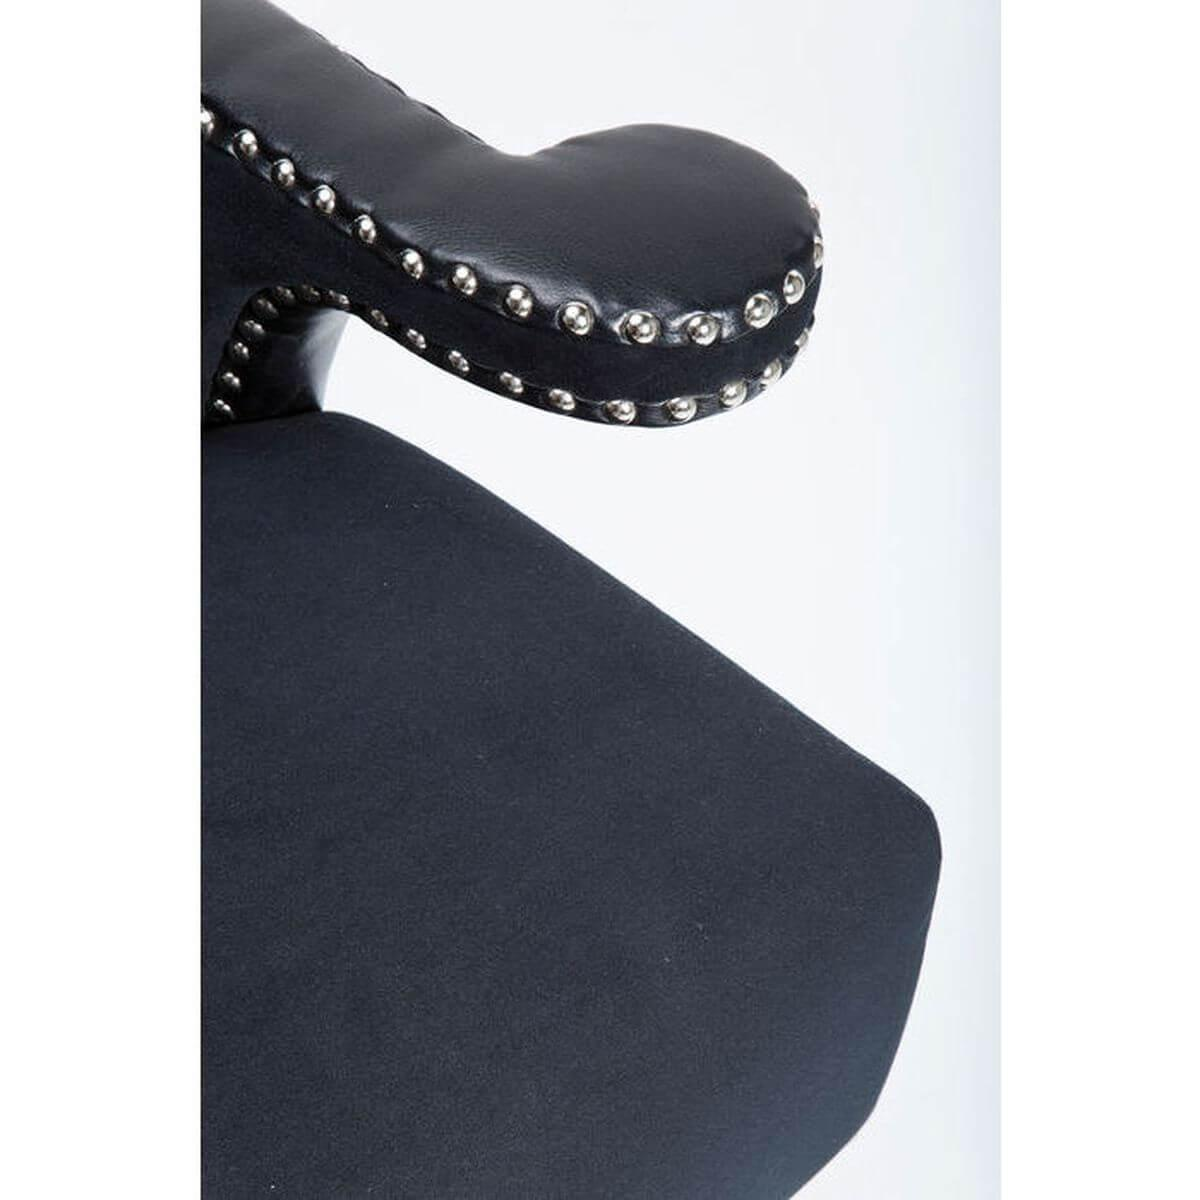 Fauteuil RIVET Kare Design noir